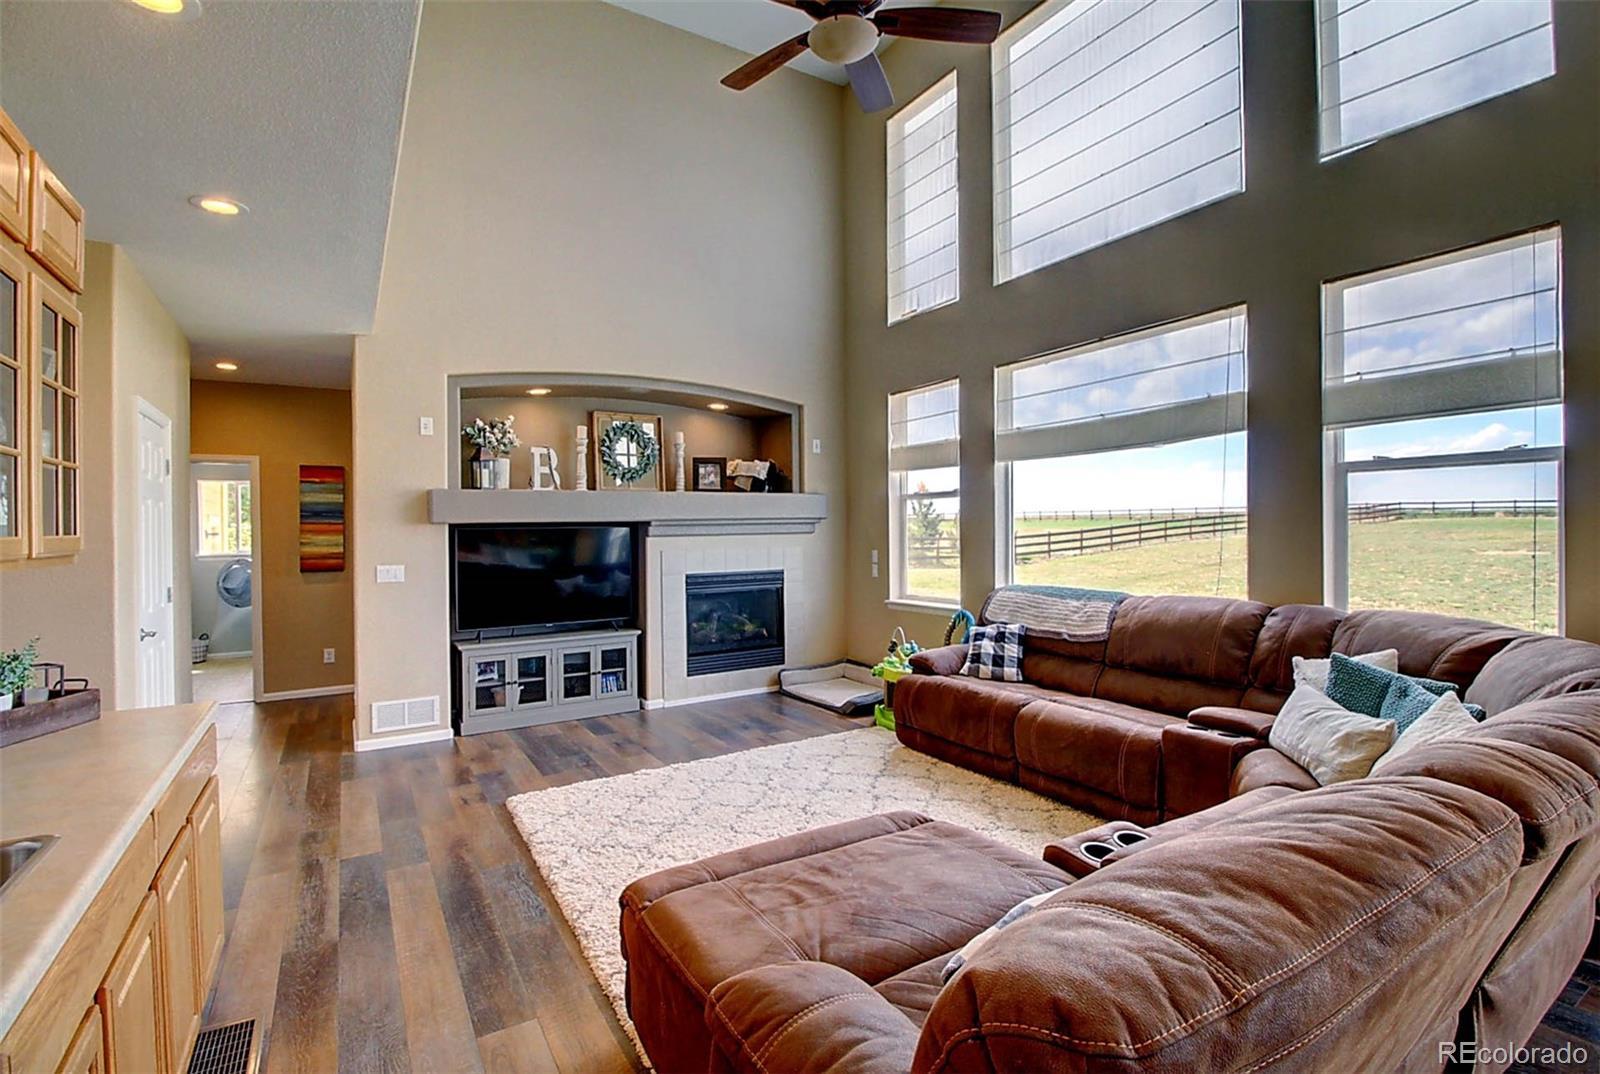 MLS# 9971596 - 10 - 49435 Antelope Drive, Bennett, CO 80102